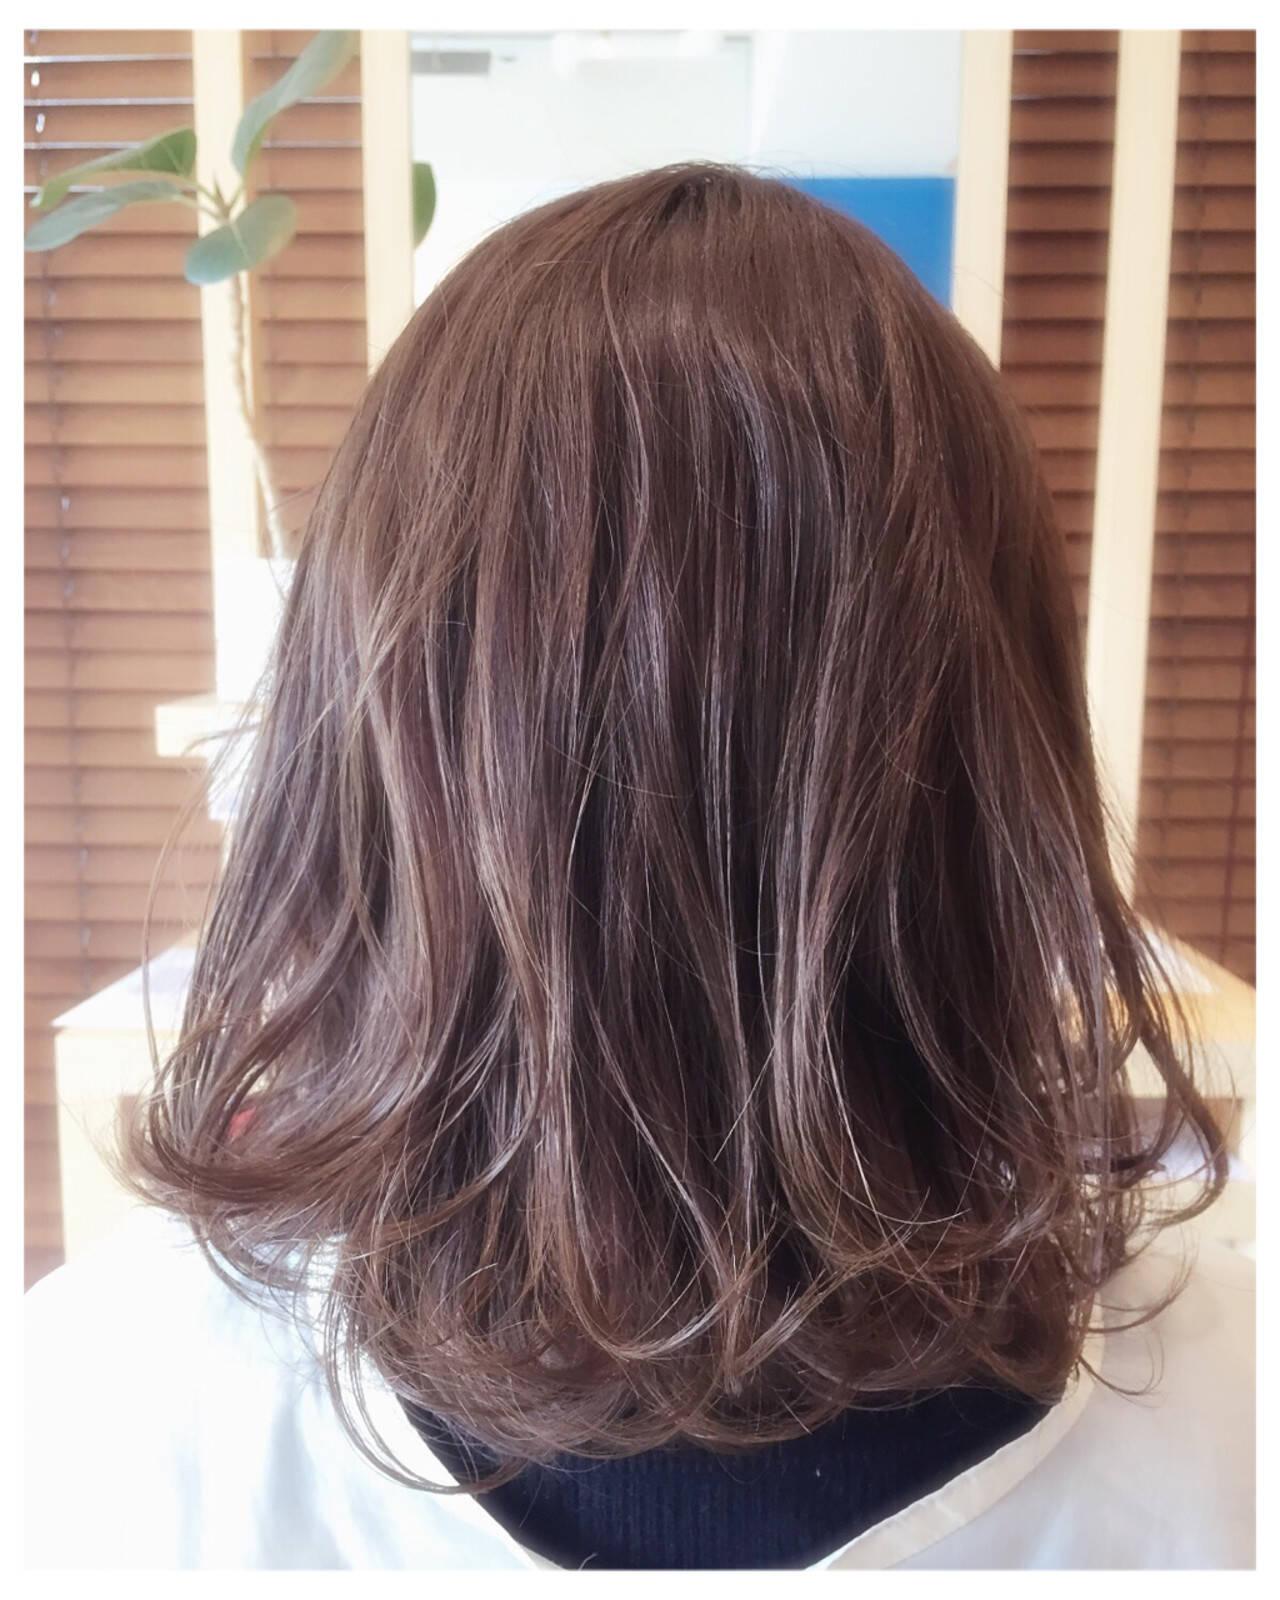 ミディアム 外国人風 ラベンダーアッシュ ストリートヘアスタイルや髪型の写真・画像